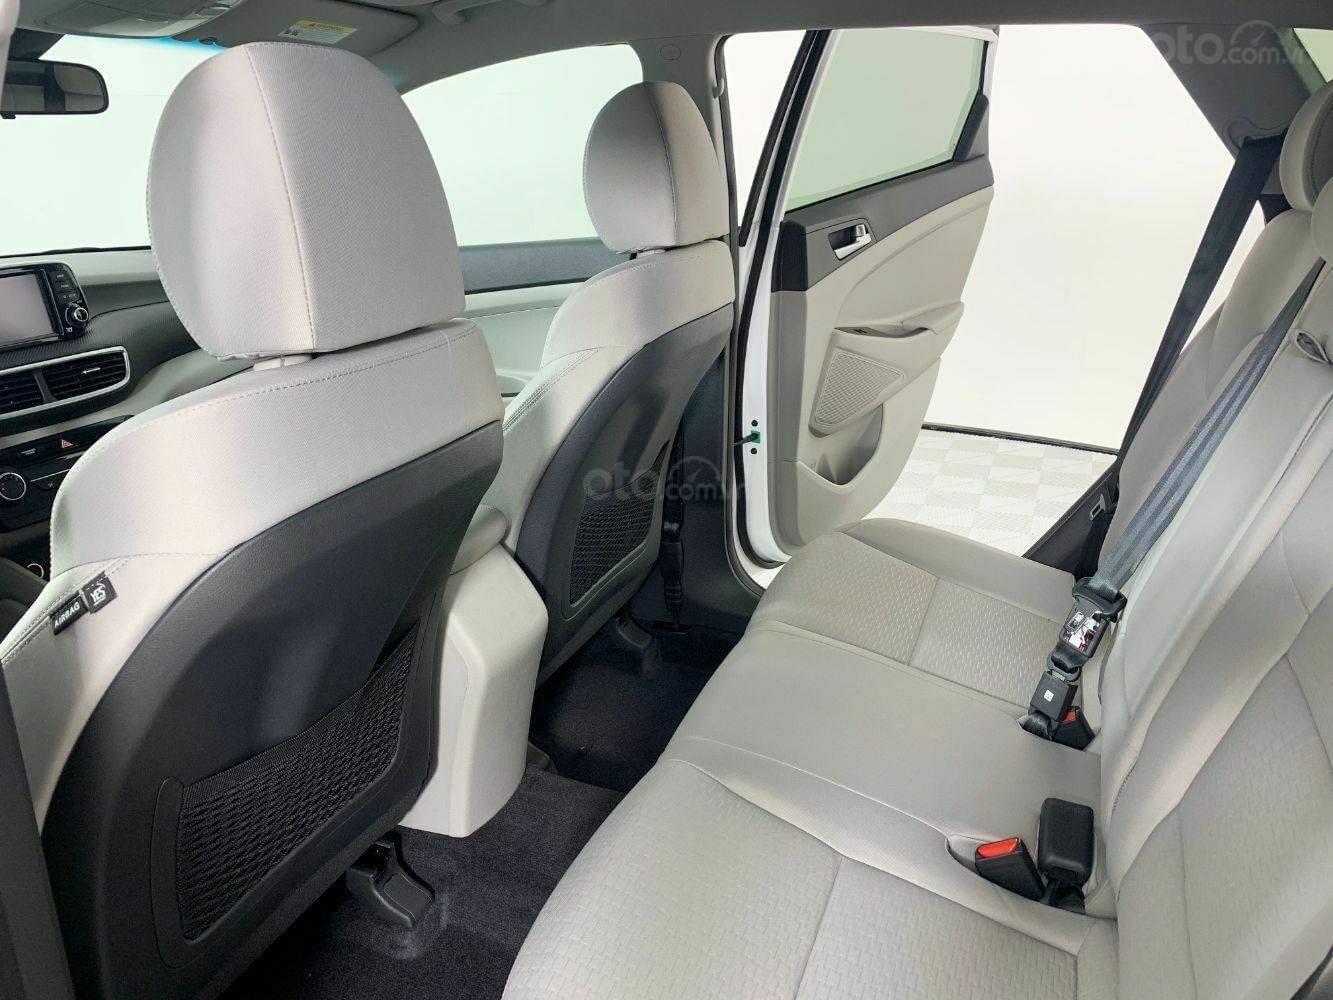 [TPHCM] Hyundai Tucson sẵn kho, đủ màu, hỗ trợ vay lên đến 85%+ chương trình khuyến mãi hấp dẫn (14)